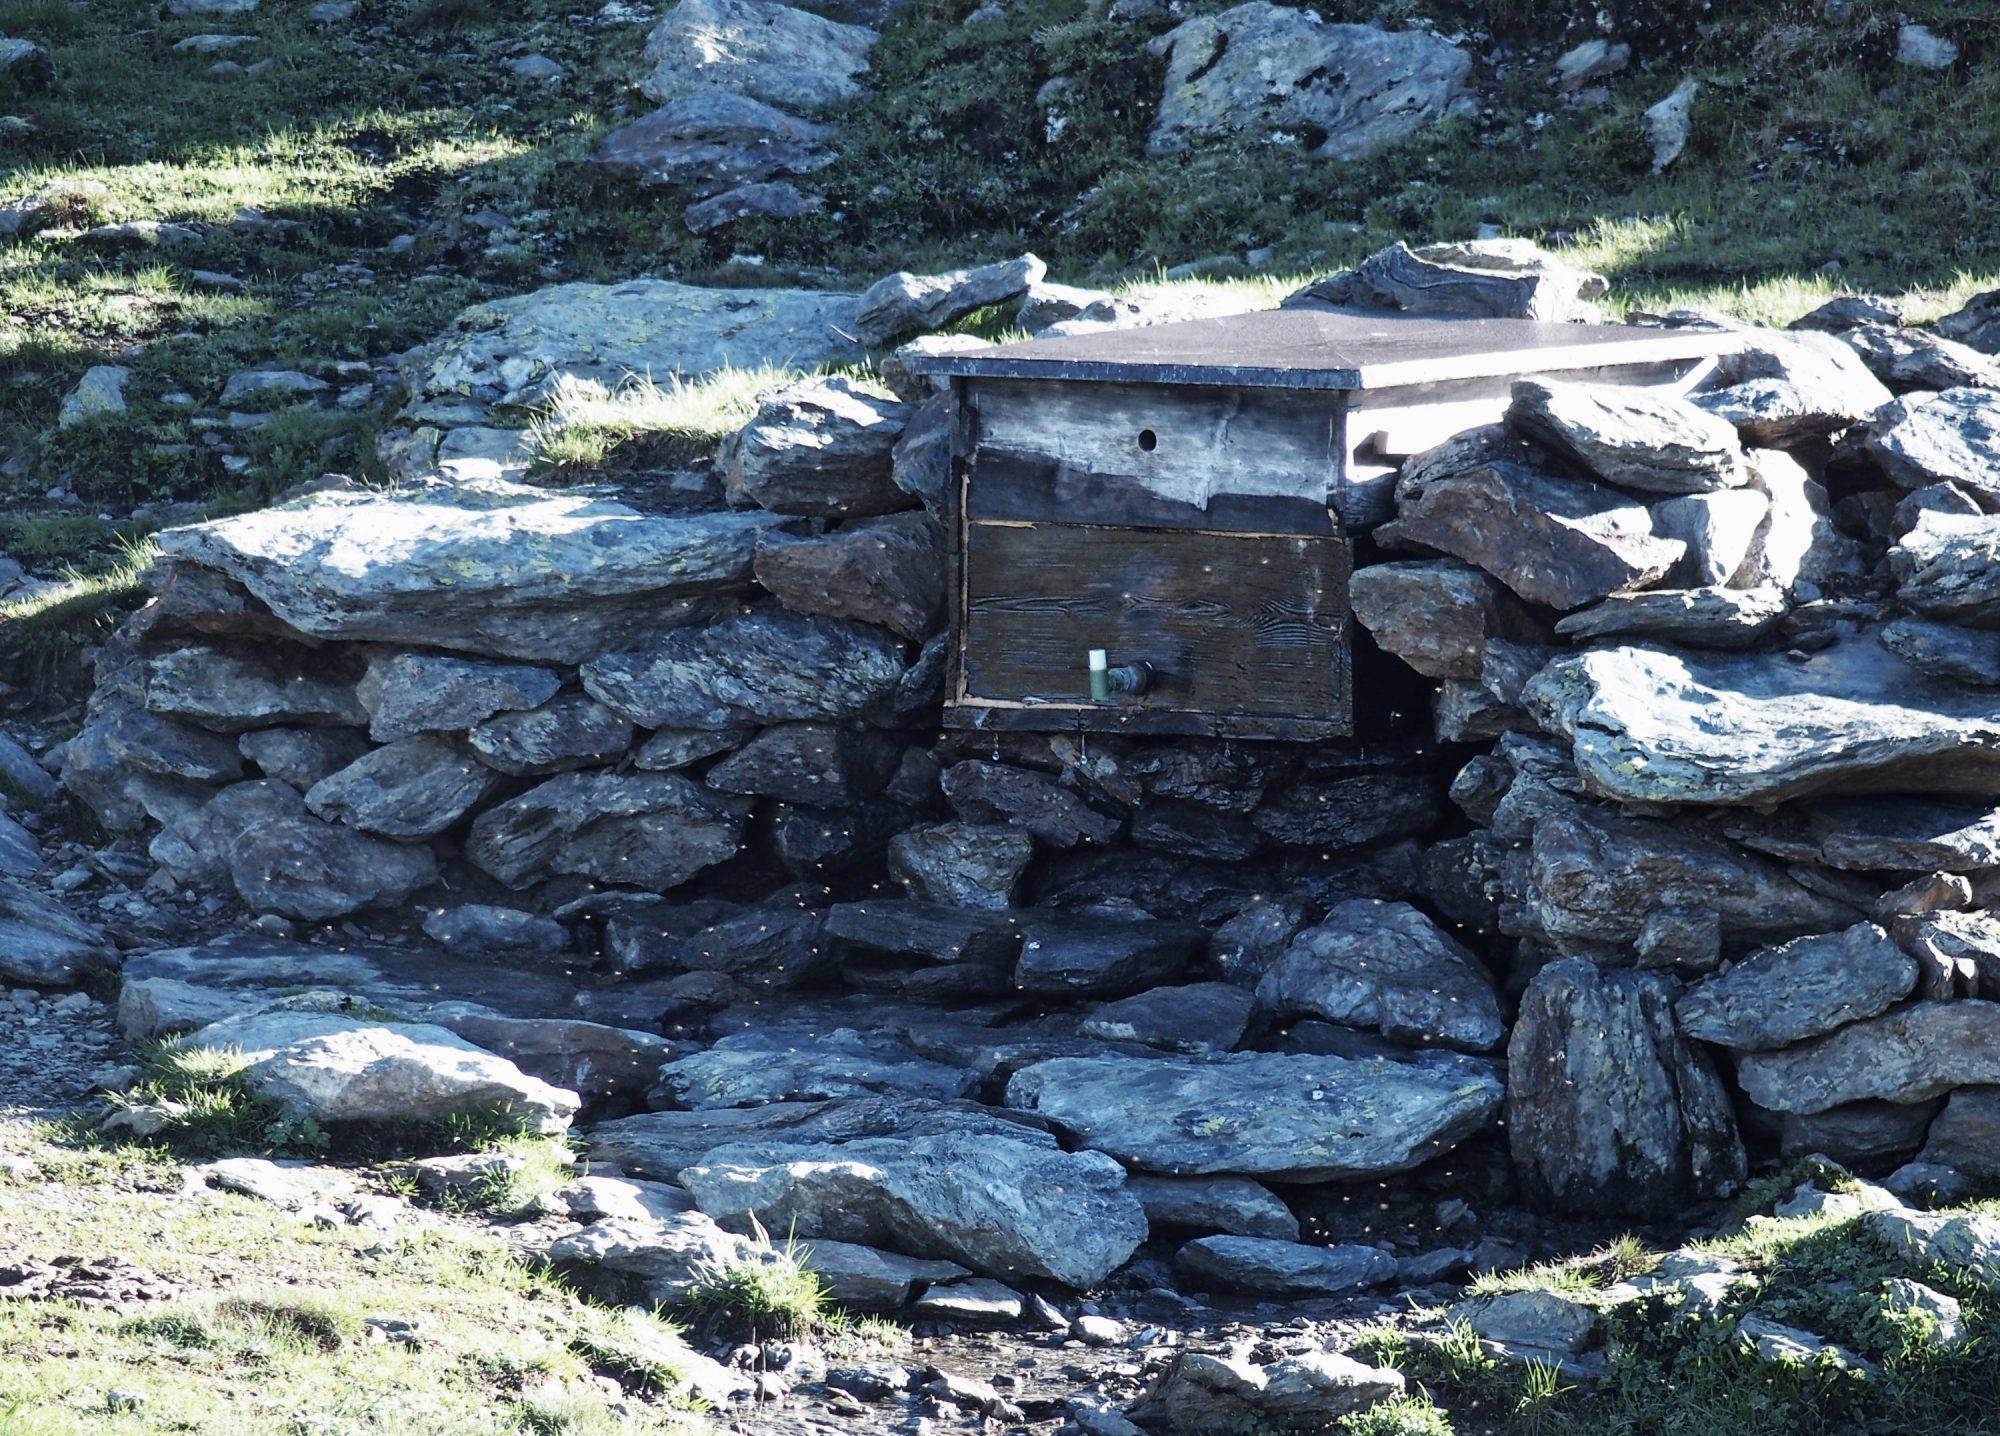 Badezimmer, In 10 Schritten fit fürs Hüttenleben, Tipps Hüttentour, Tipps Hüttenübernachtung, Alpenüberquerung, Alpenvereinshütte, Übernachtung Hütte